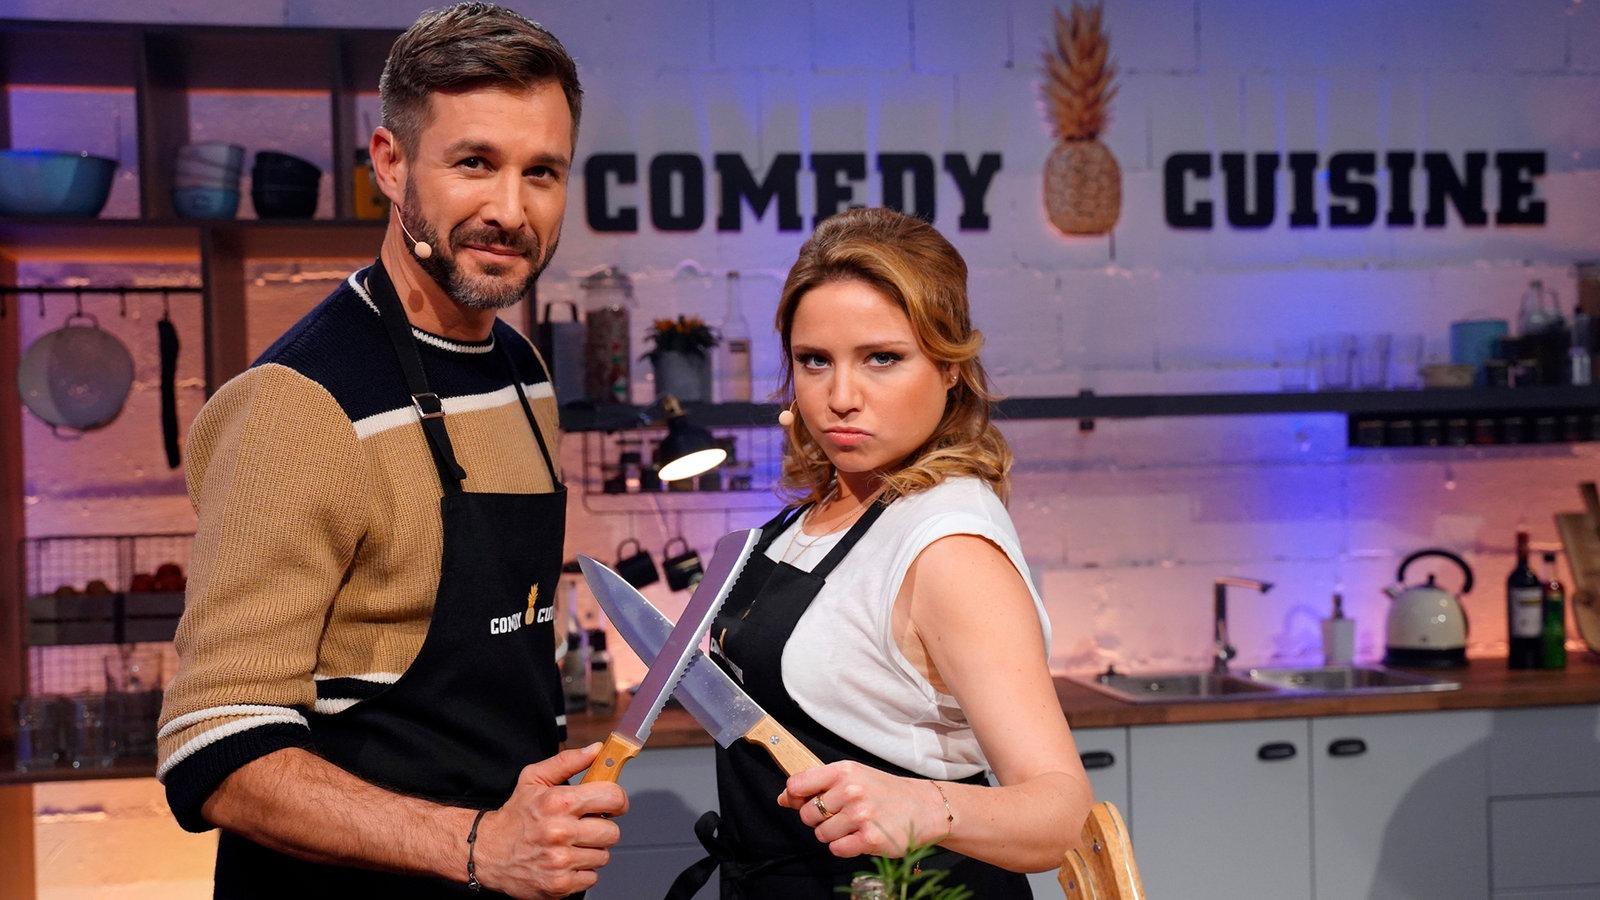 Comedy Cuisine (S1/E5) - WDR